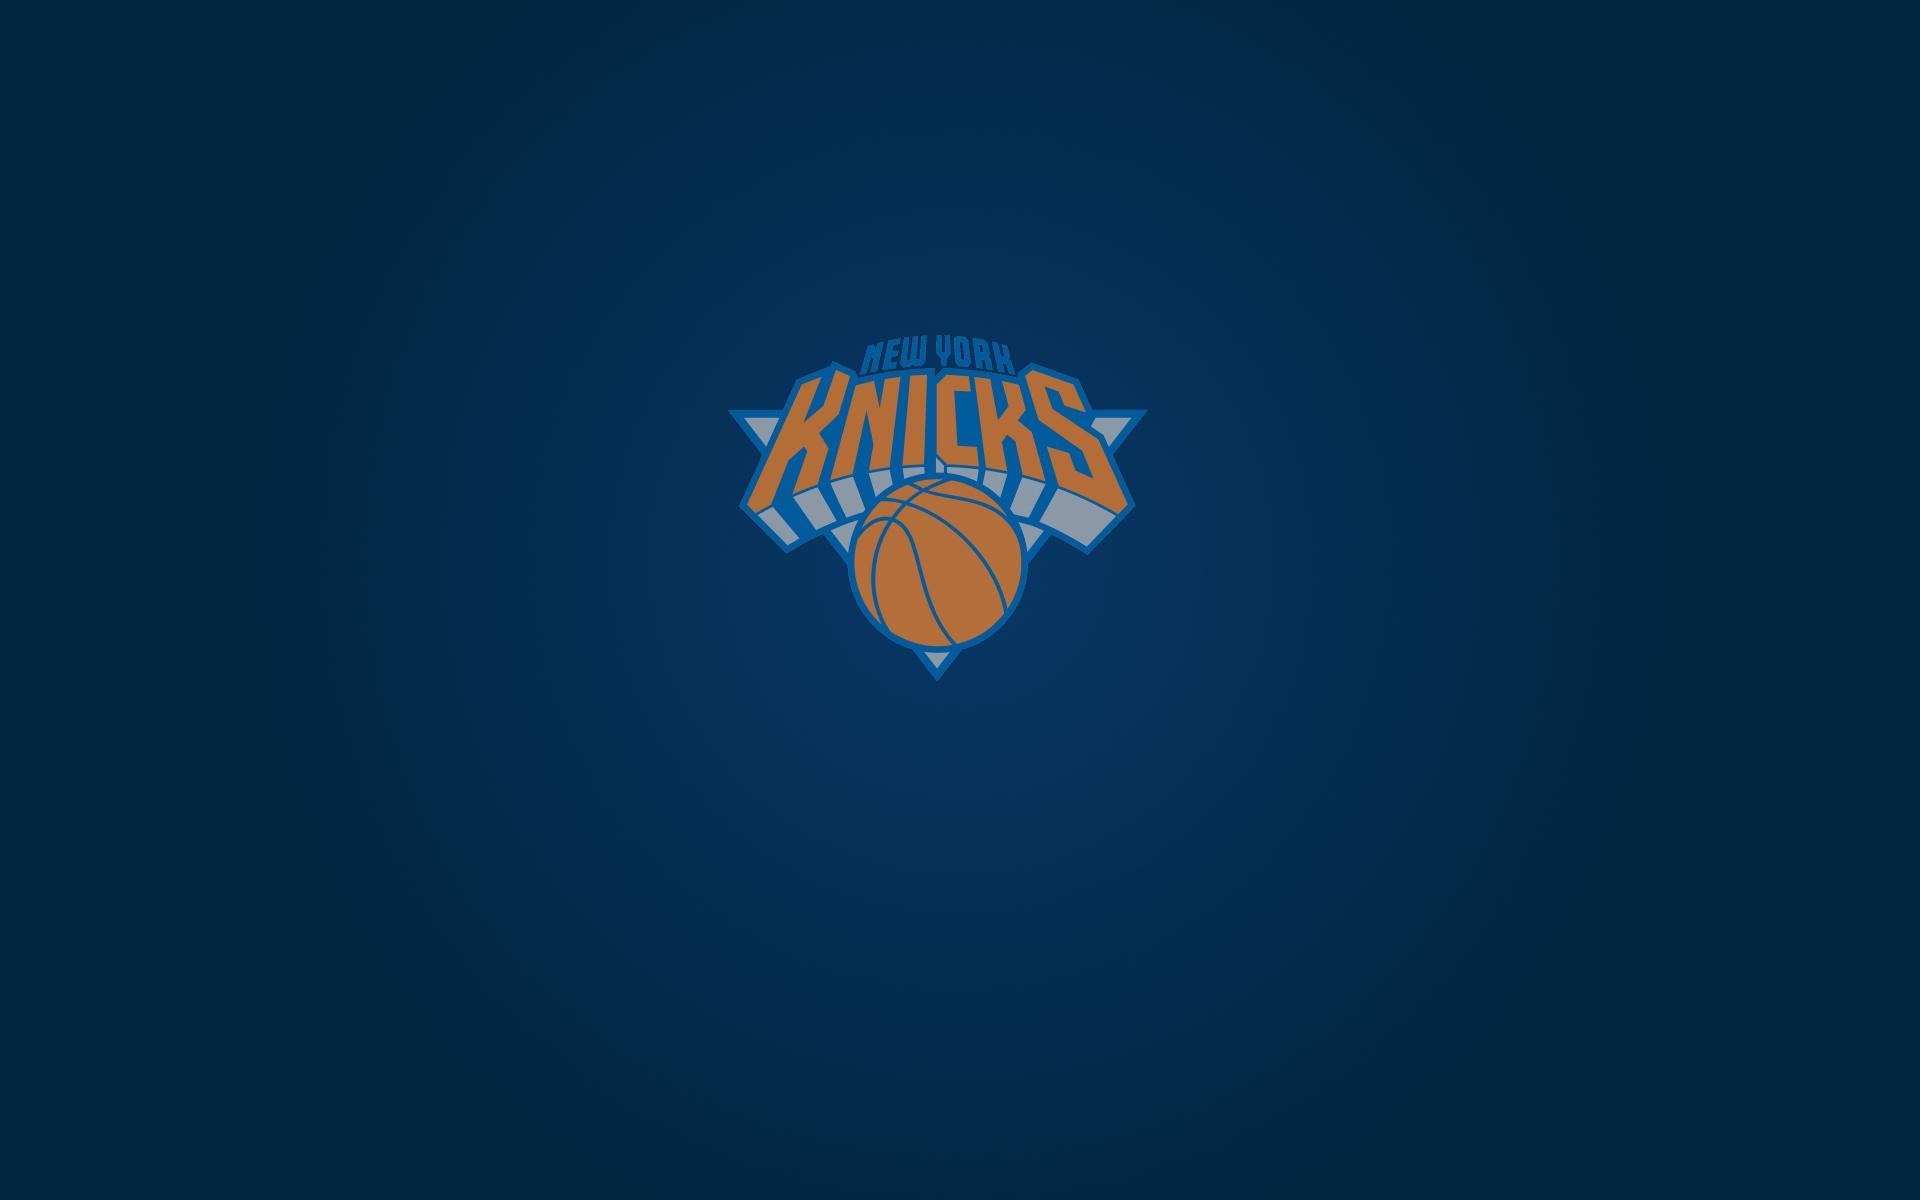 New York Knicks wallpaper, logo, 1920